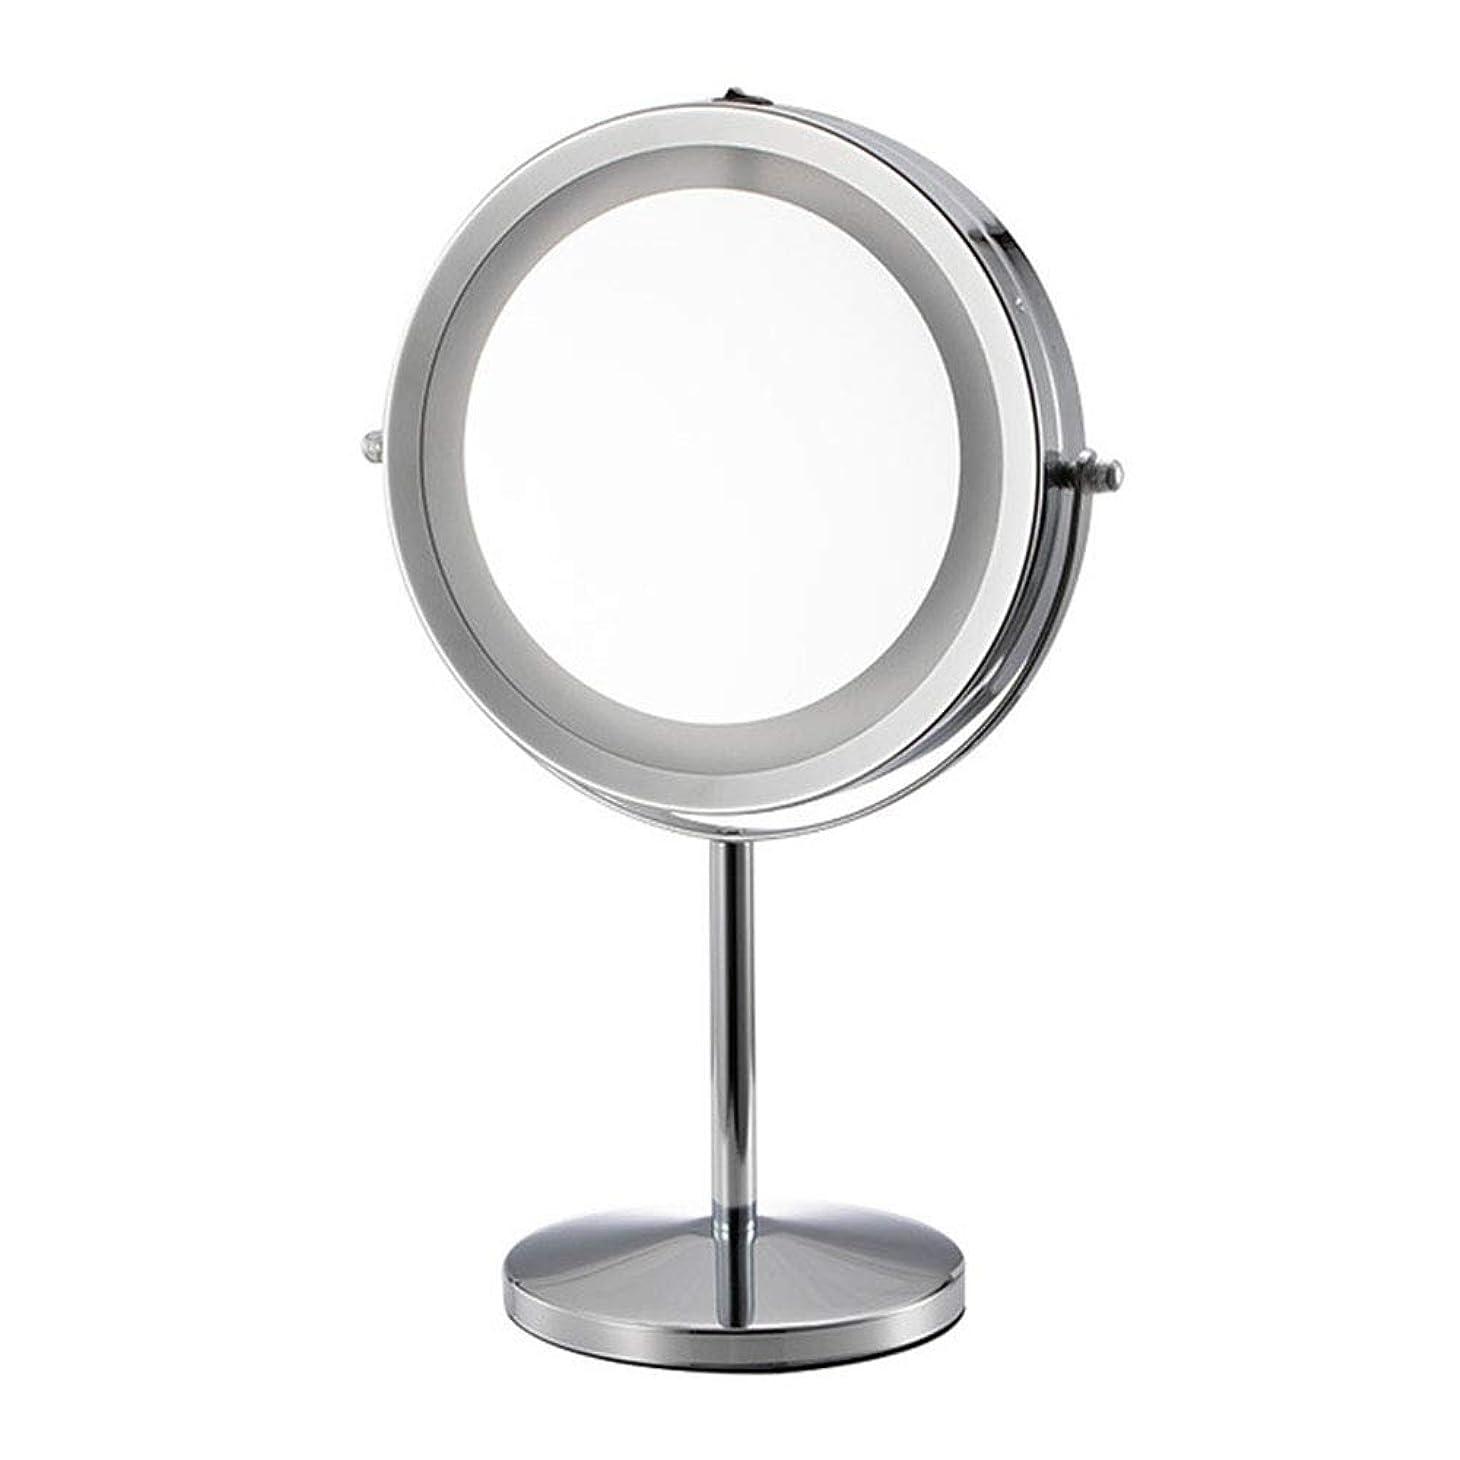 現代ウィスキー宣伝ヨーロッパスタイルの化粧鏡金属両面デスクトップ360°自由に回転美容バスルームミラーズームHDホームホテル化粧鏡ギフト